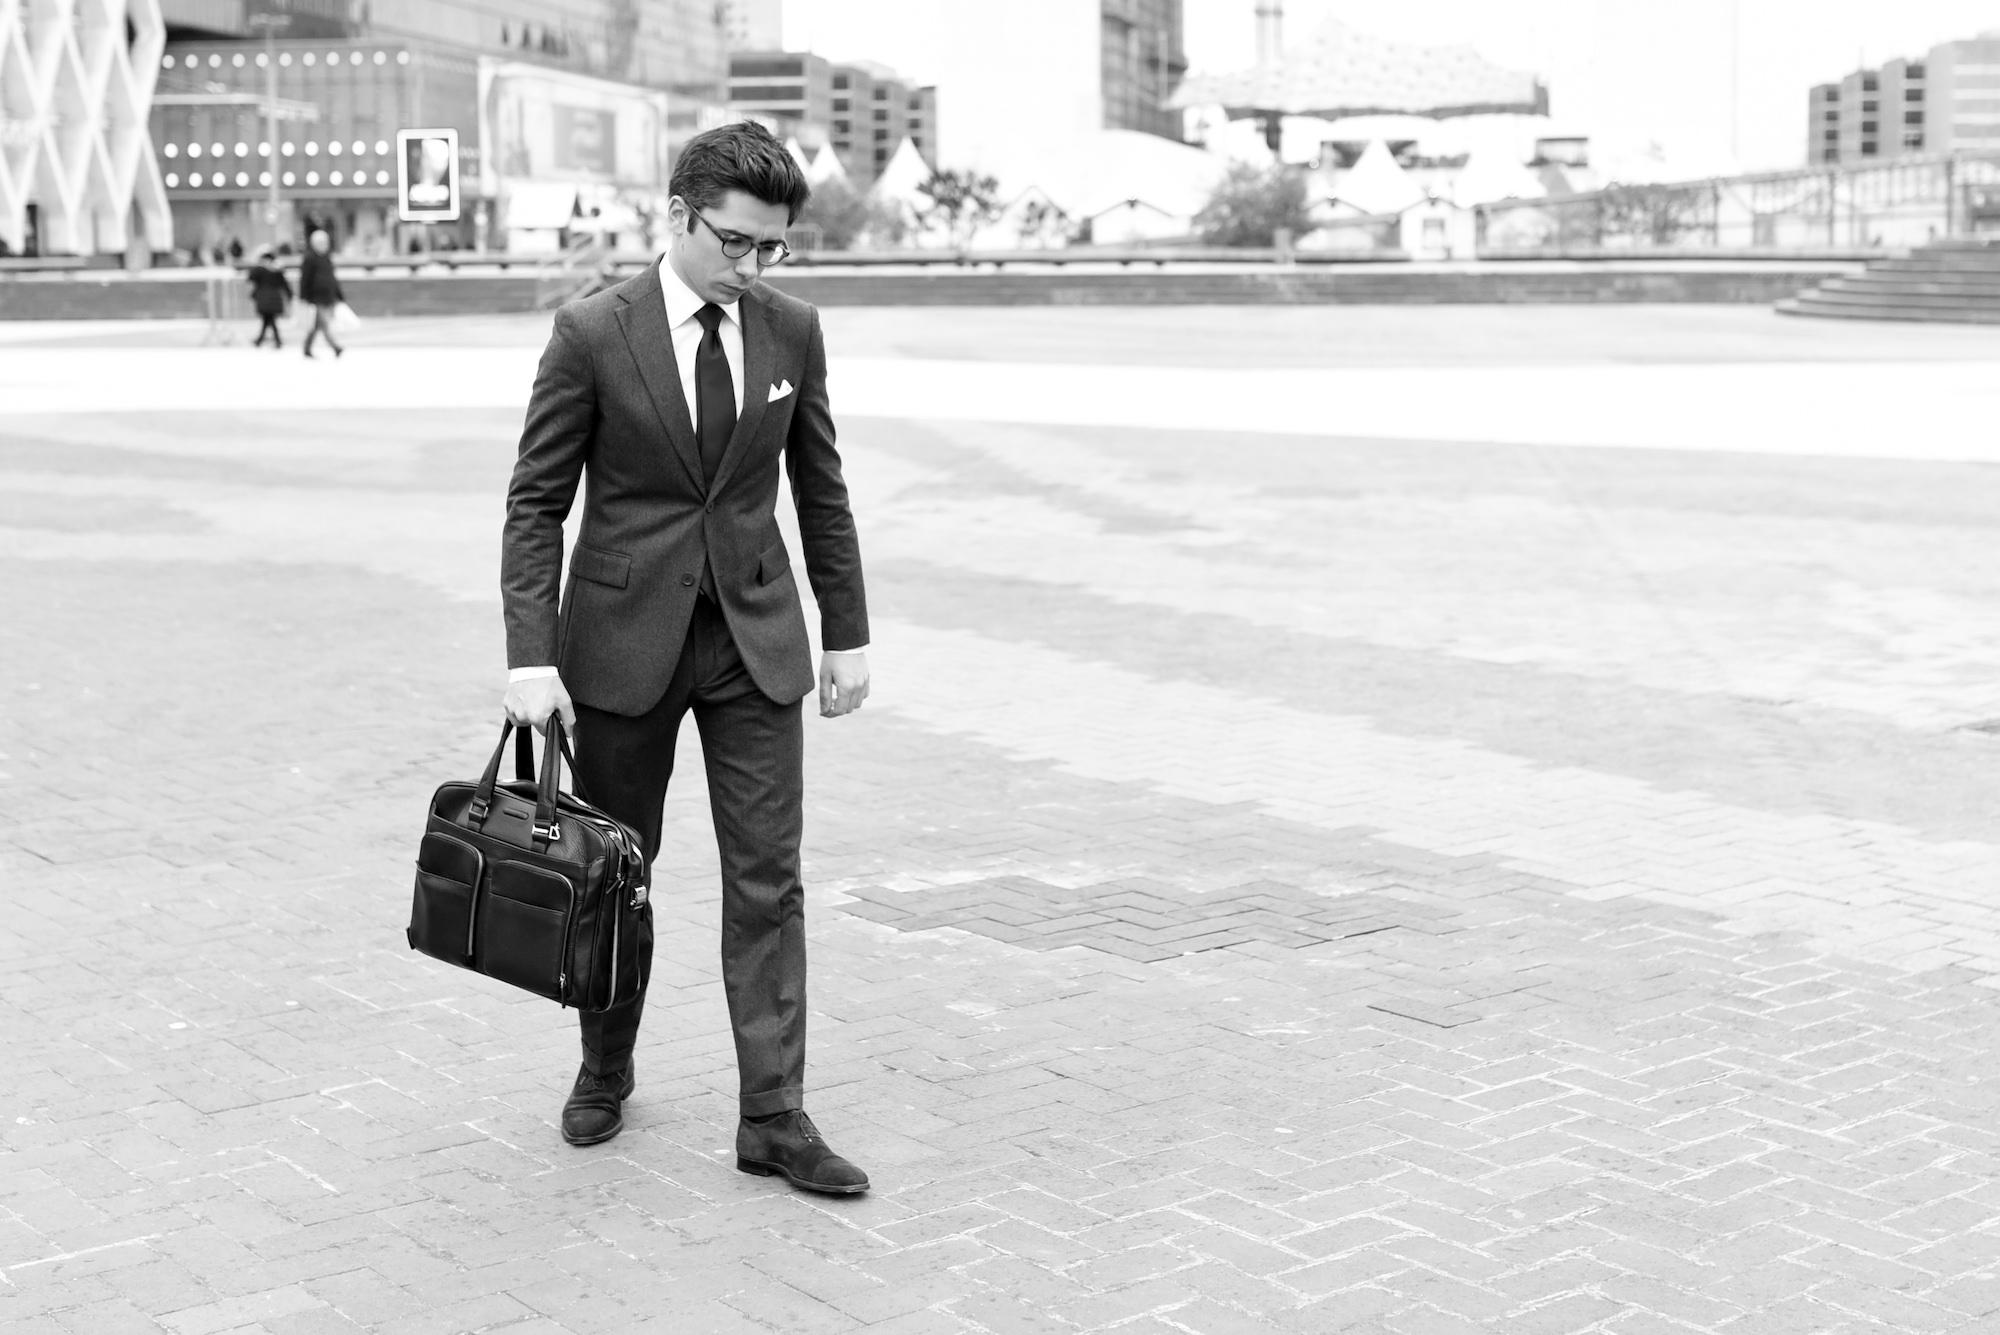 Longueur manche veste de costume comment choisir - Chemise costume homme ...